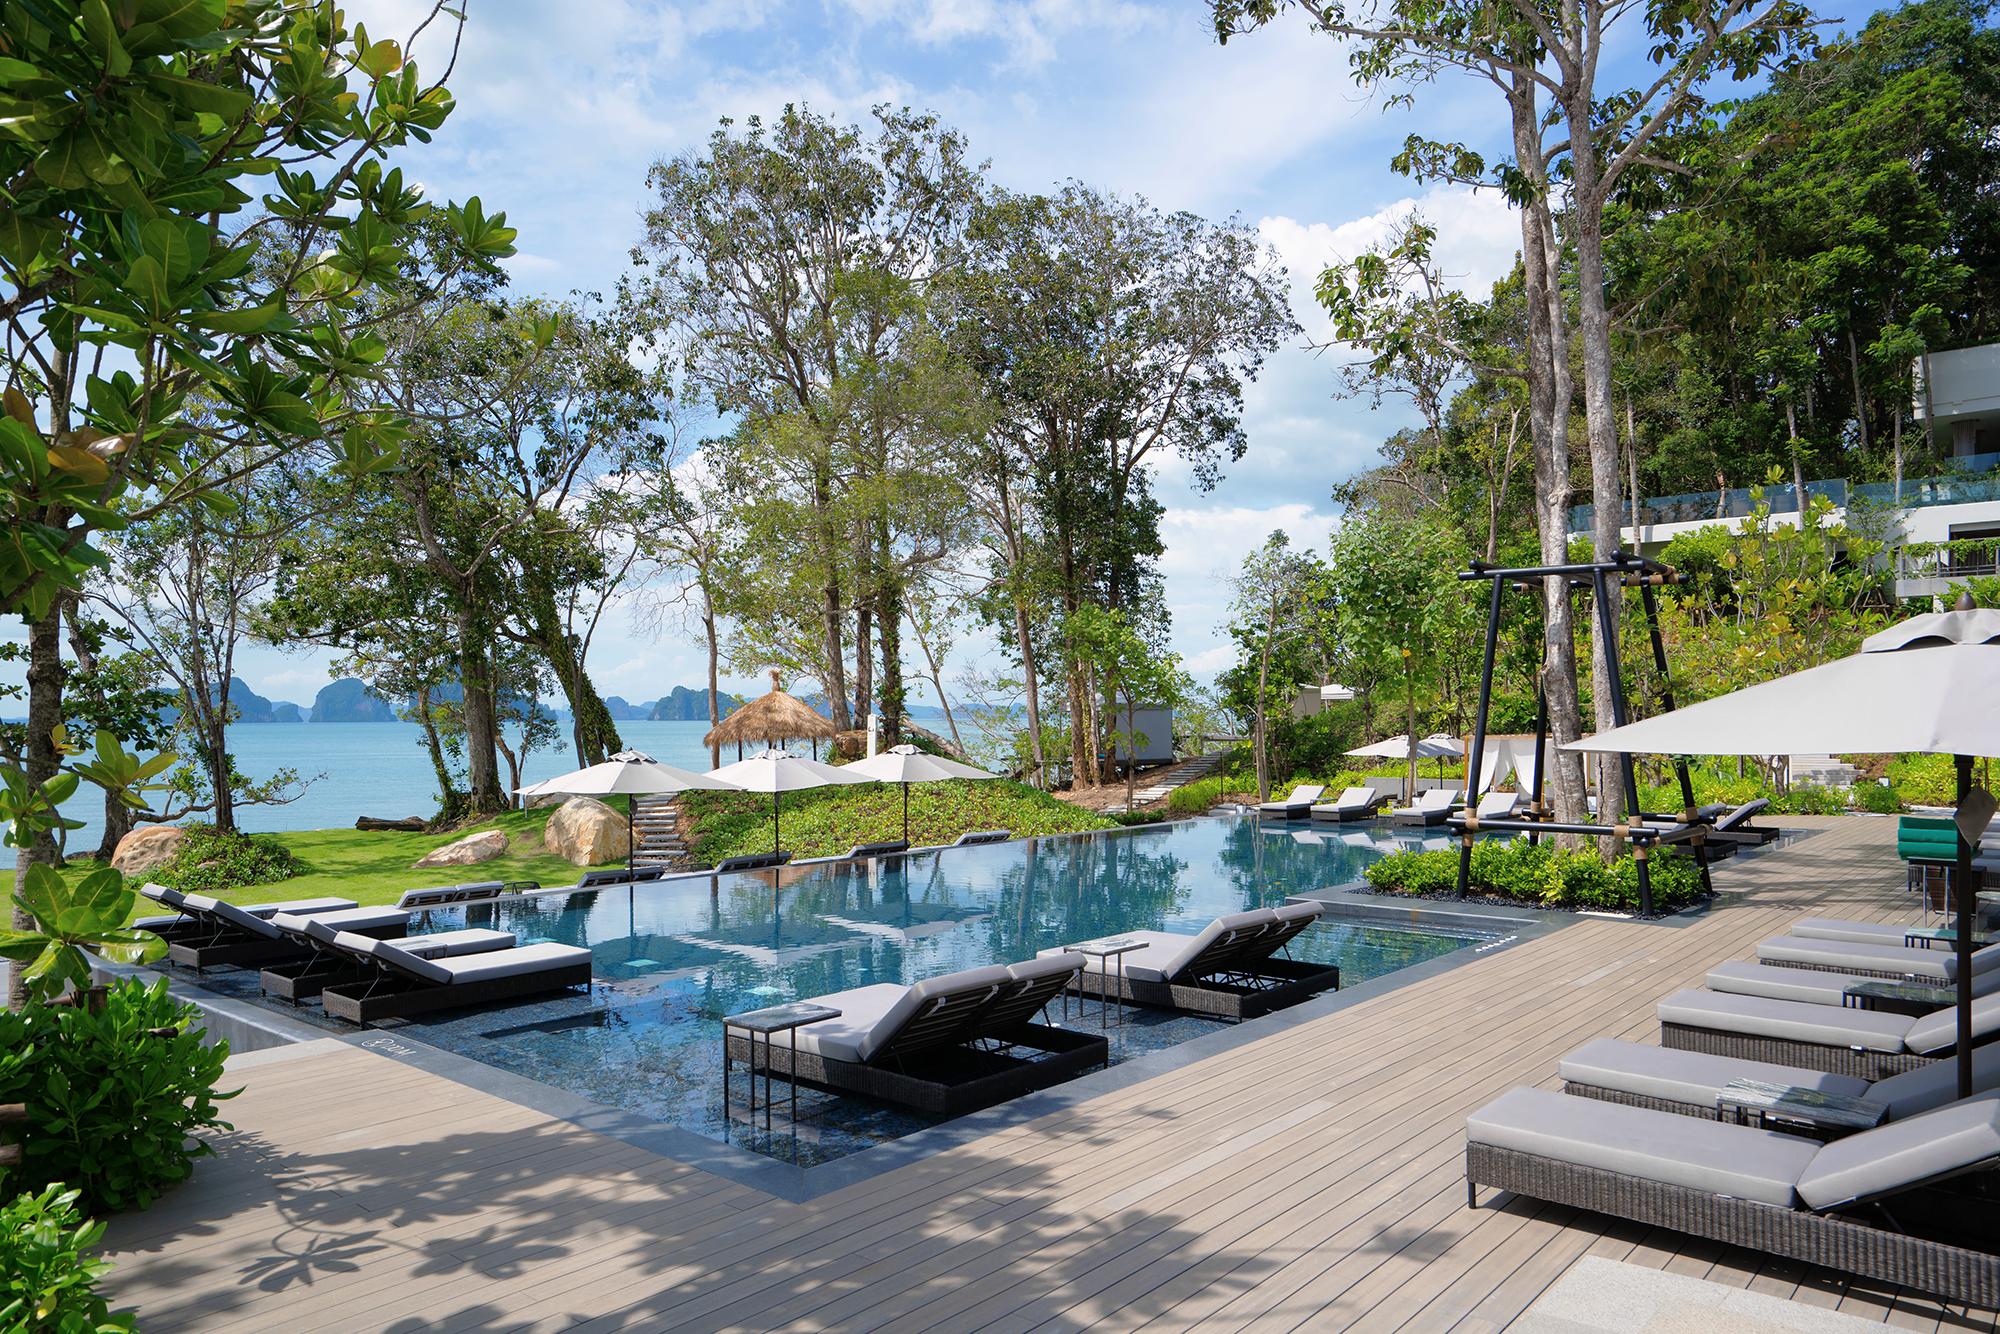 Main Swimming Pool 9